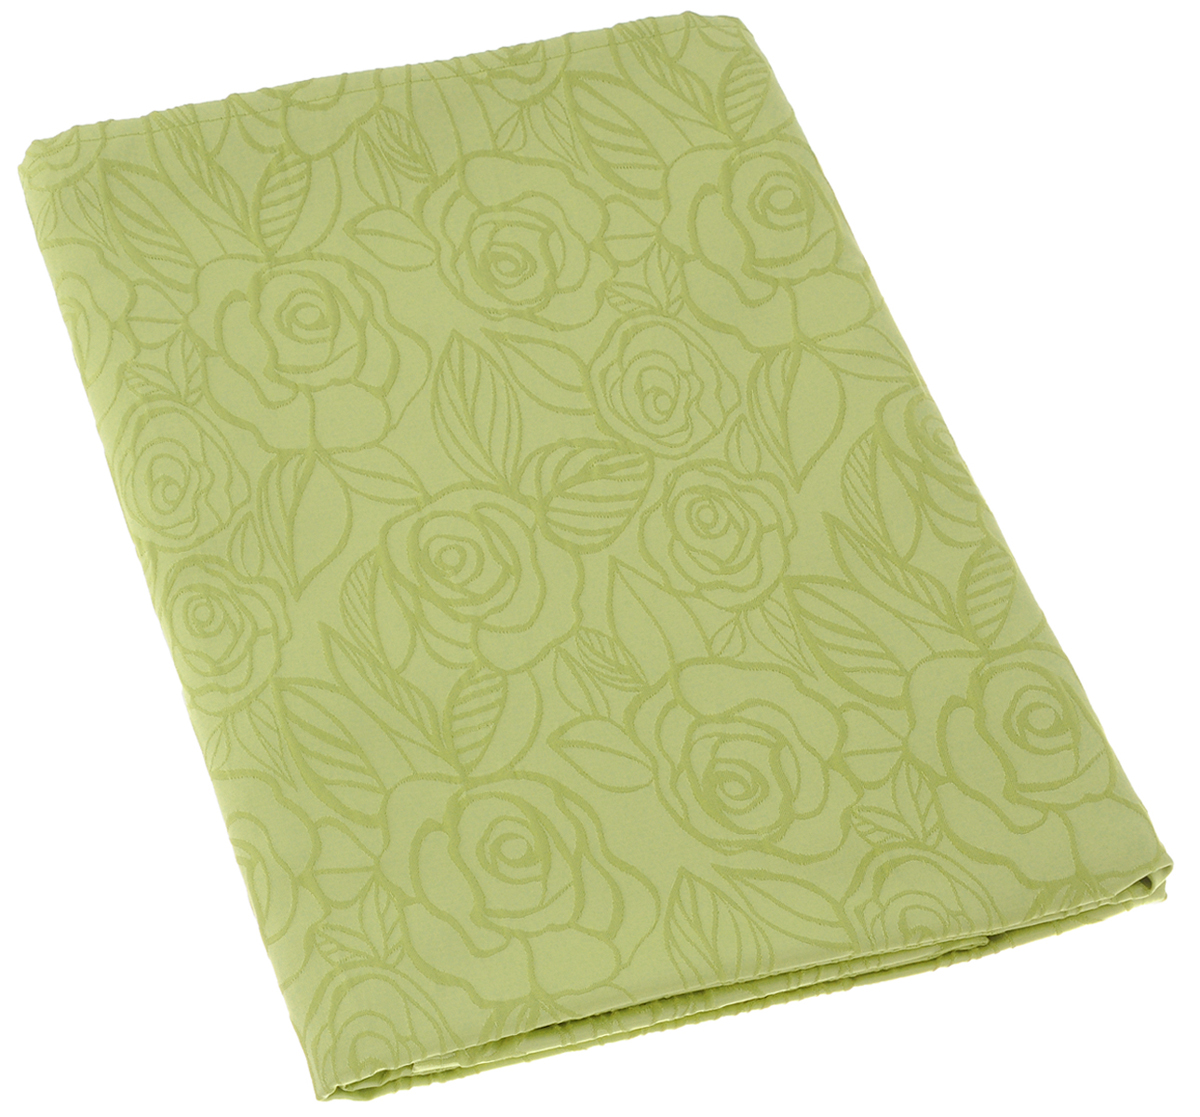 Скатерть Schaefer, прямоугольная, цвет: светло-зеленый, 130 х 160 см. 07548-4271004900000360Изящная прямоугольная скатерть Schaefer, выполненная из плотного полиэстера с водоотталкивающей пропиткой, станет украшением кухонного стола. Изделие декорировано рельефным цветочным узором.За текстилем из полиэстера очень легко ухаживать: он не мнется, не садится и быстро сохнет, легко стирается, более долговечен, чем текстиль из натуральных волокон.Использование такой скатерти сделает застолье торжественным, поднимет настроение гостей и приятно удивит их вашим изысканным вкусом. Также вы можете использовать эту скатерть для повседневной трапезы, превратив каждый прием пищи в волшебный праздник и веселье. Это текстильное изделие станет изысканным украшением вашего дома!